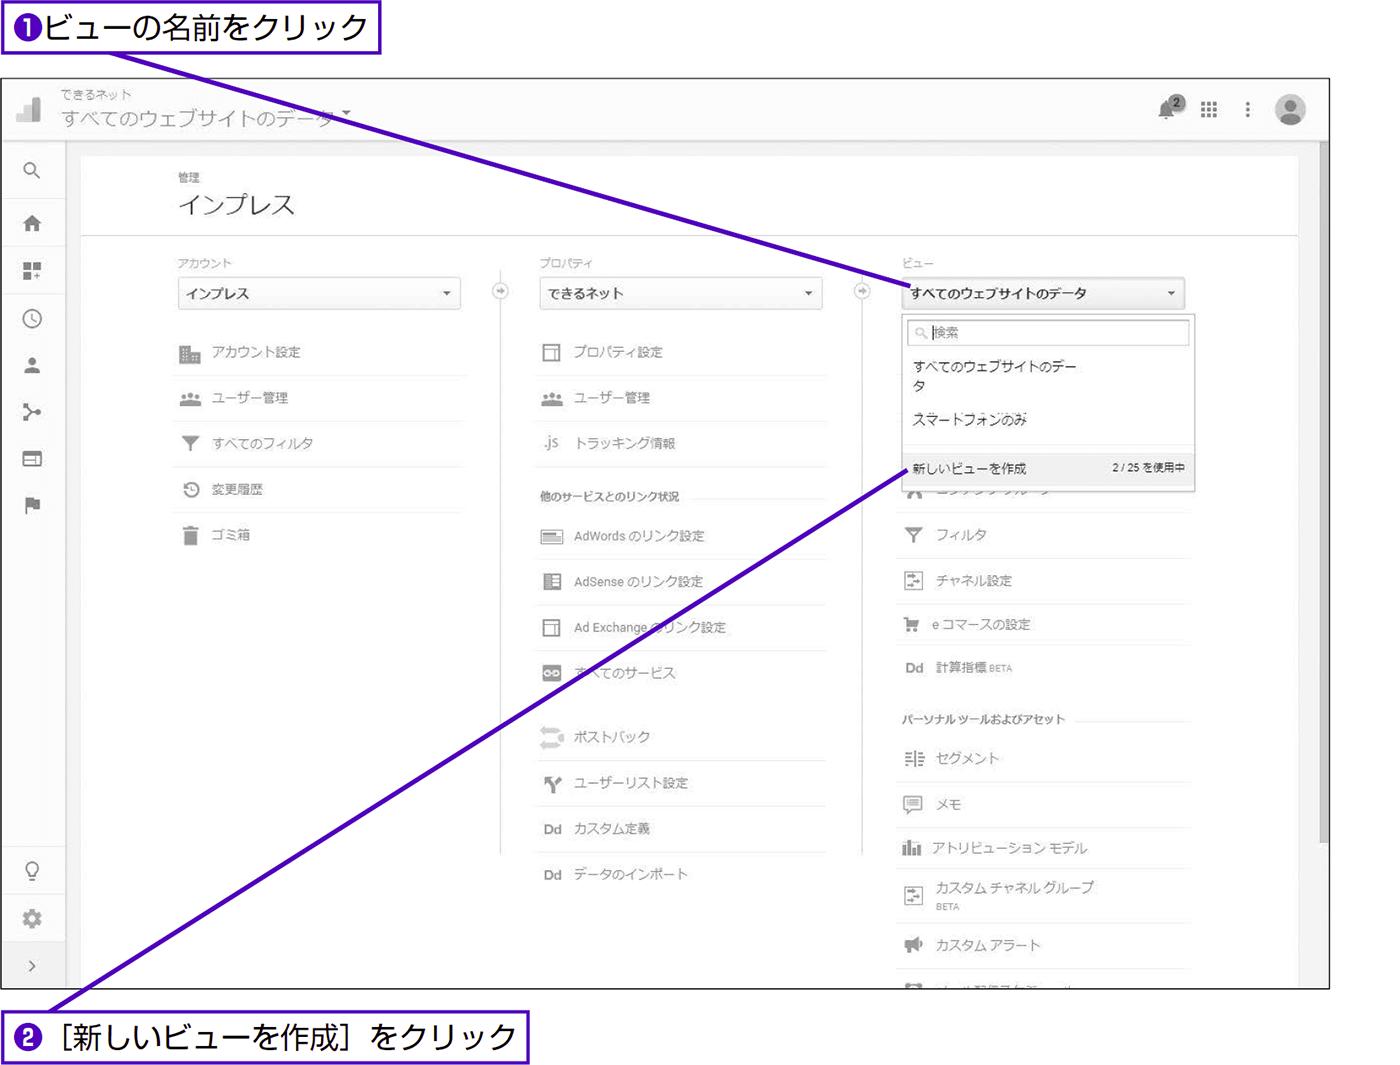 新しいビューを作成し、フィルタ無適用のビューを残す - できる逆引き Googleアナリティクス 増補改訂2版